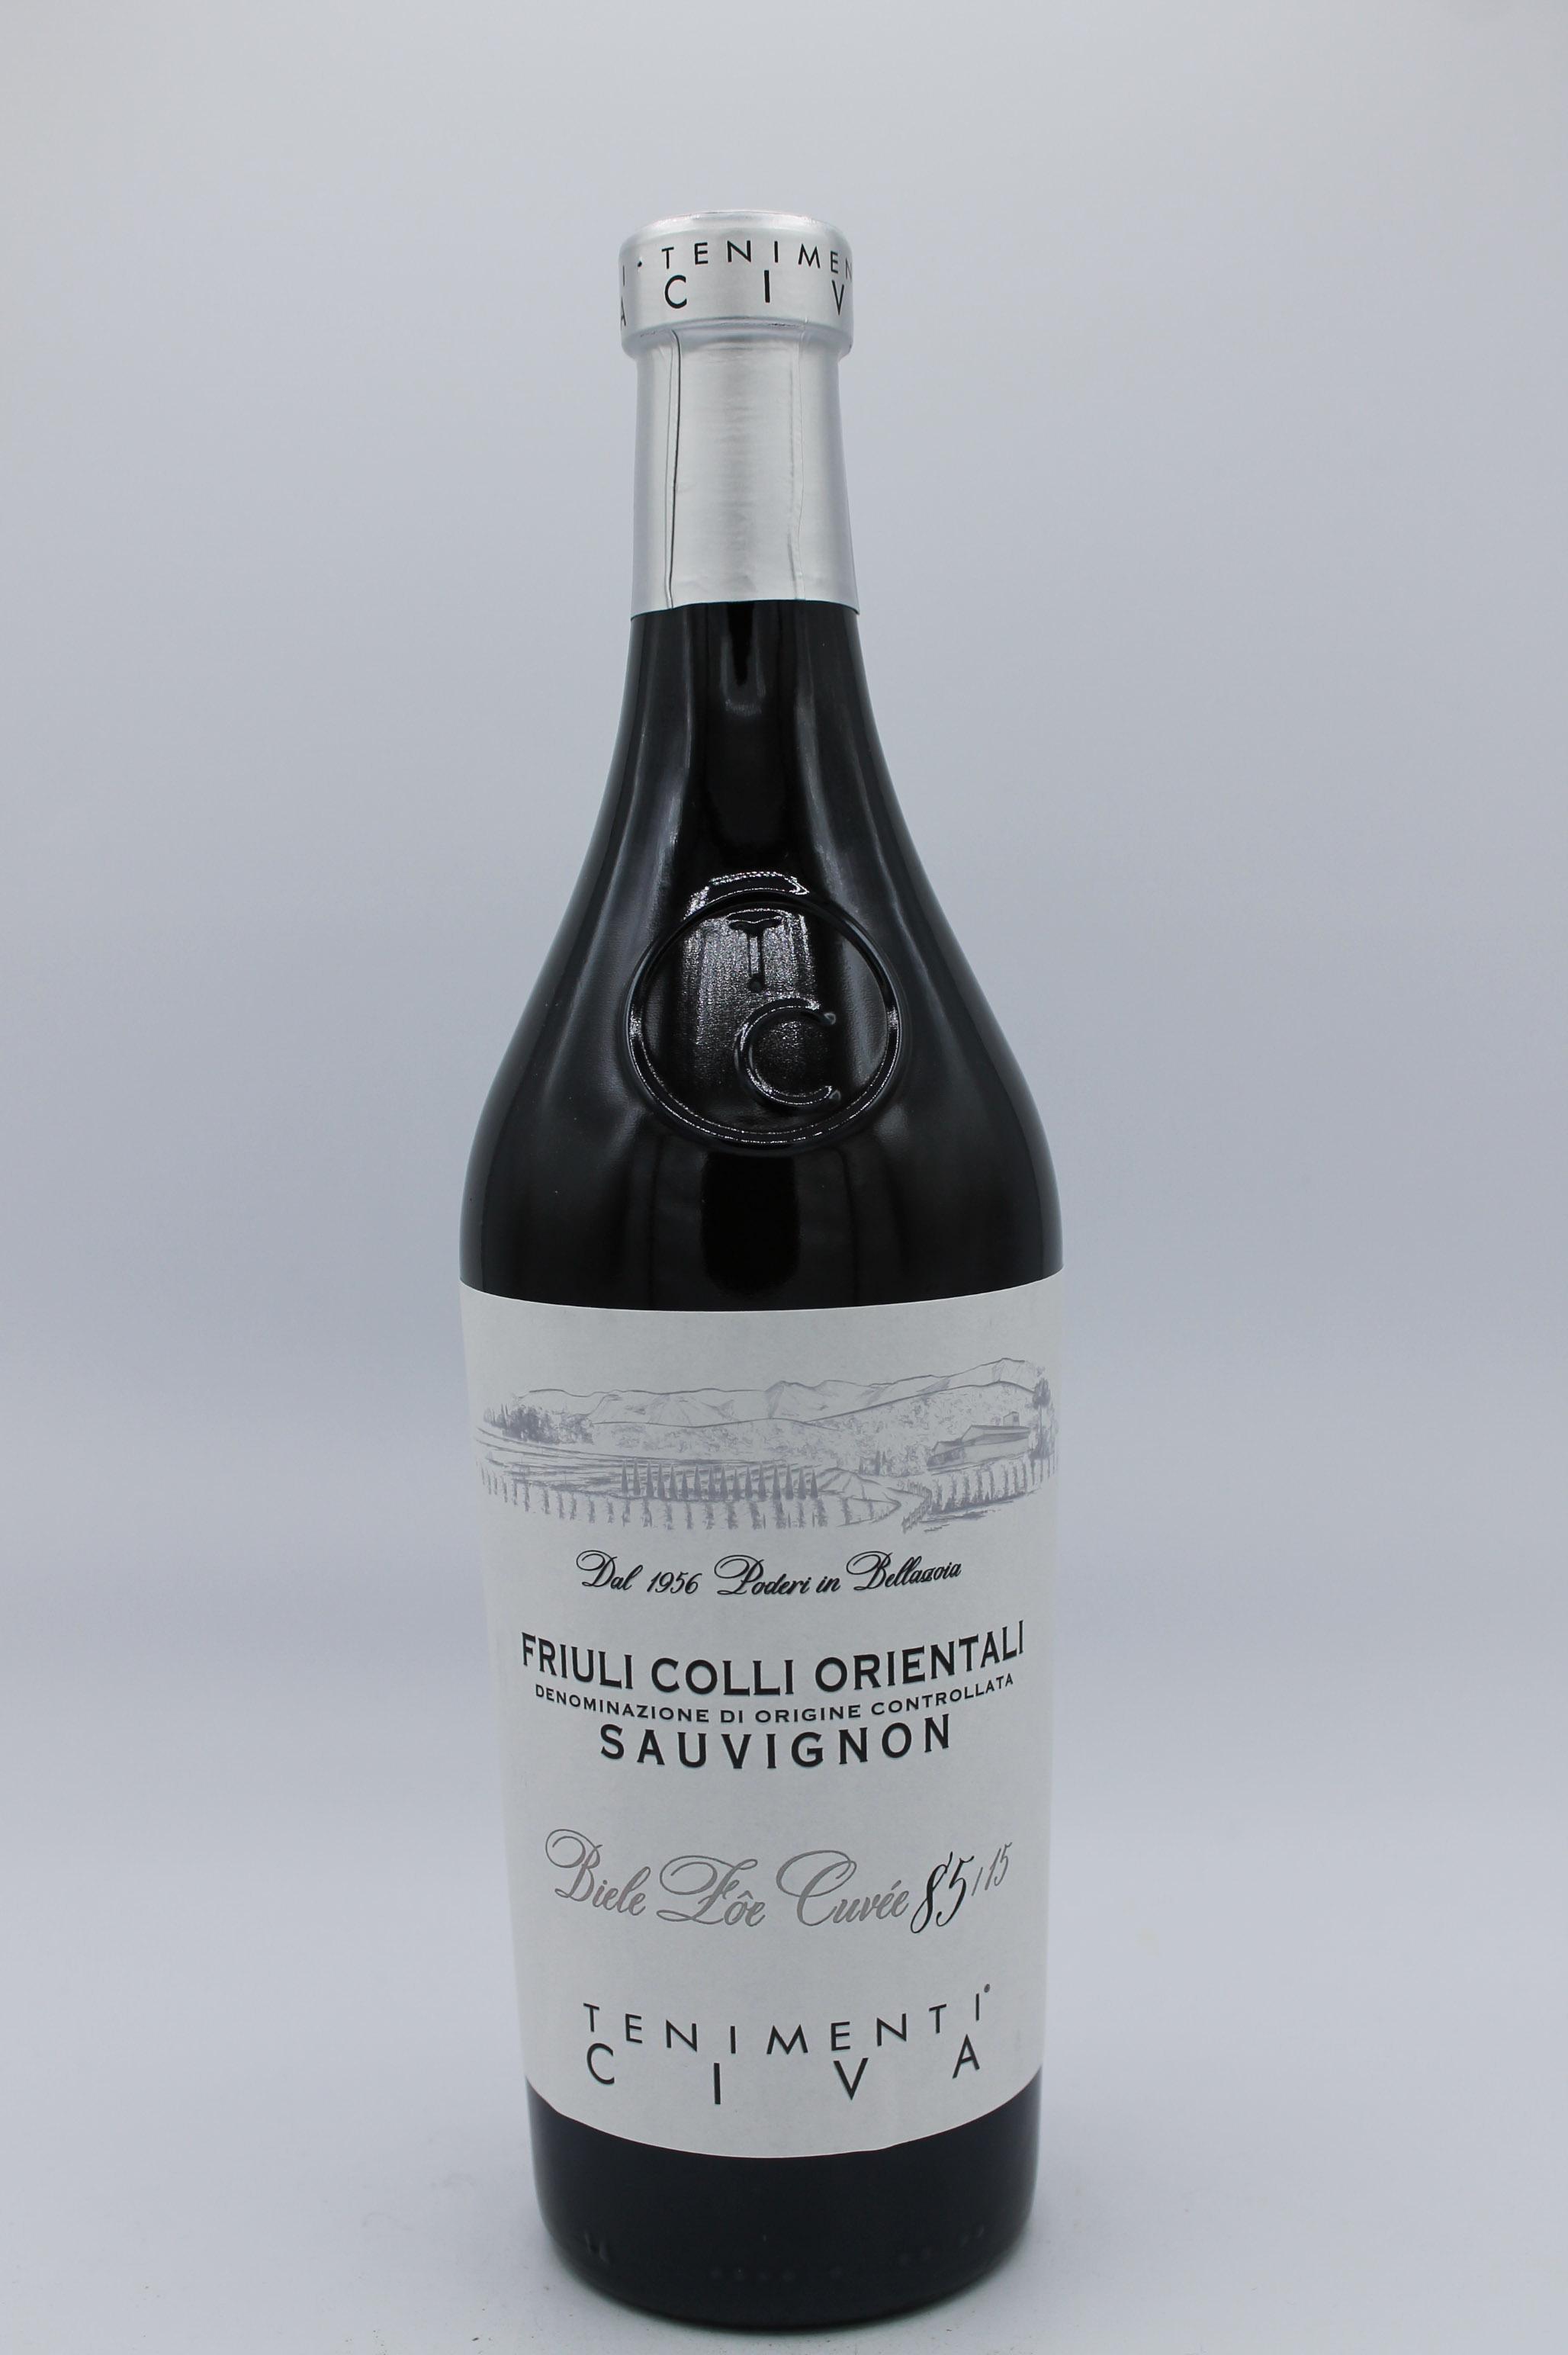 Tenimenti Civa Sauvignon 750ml.